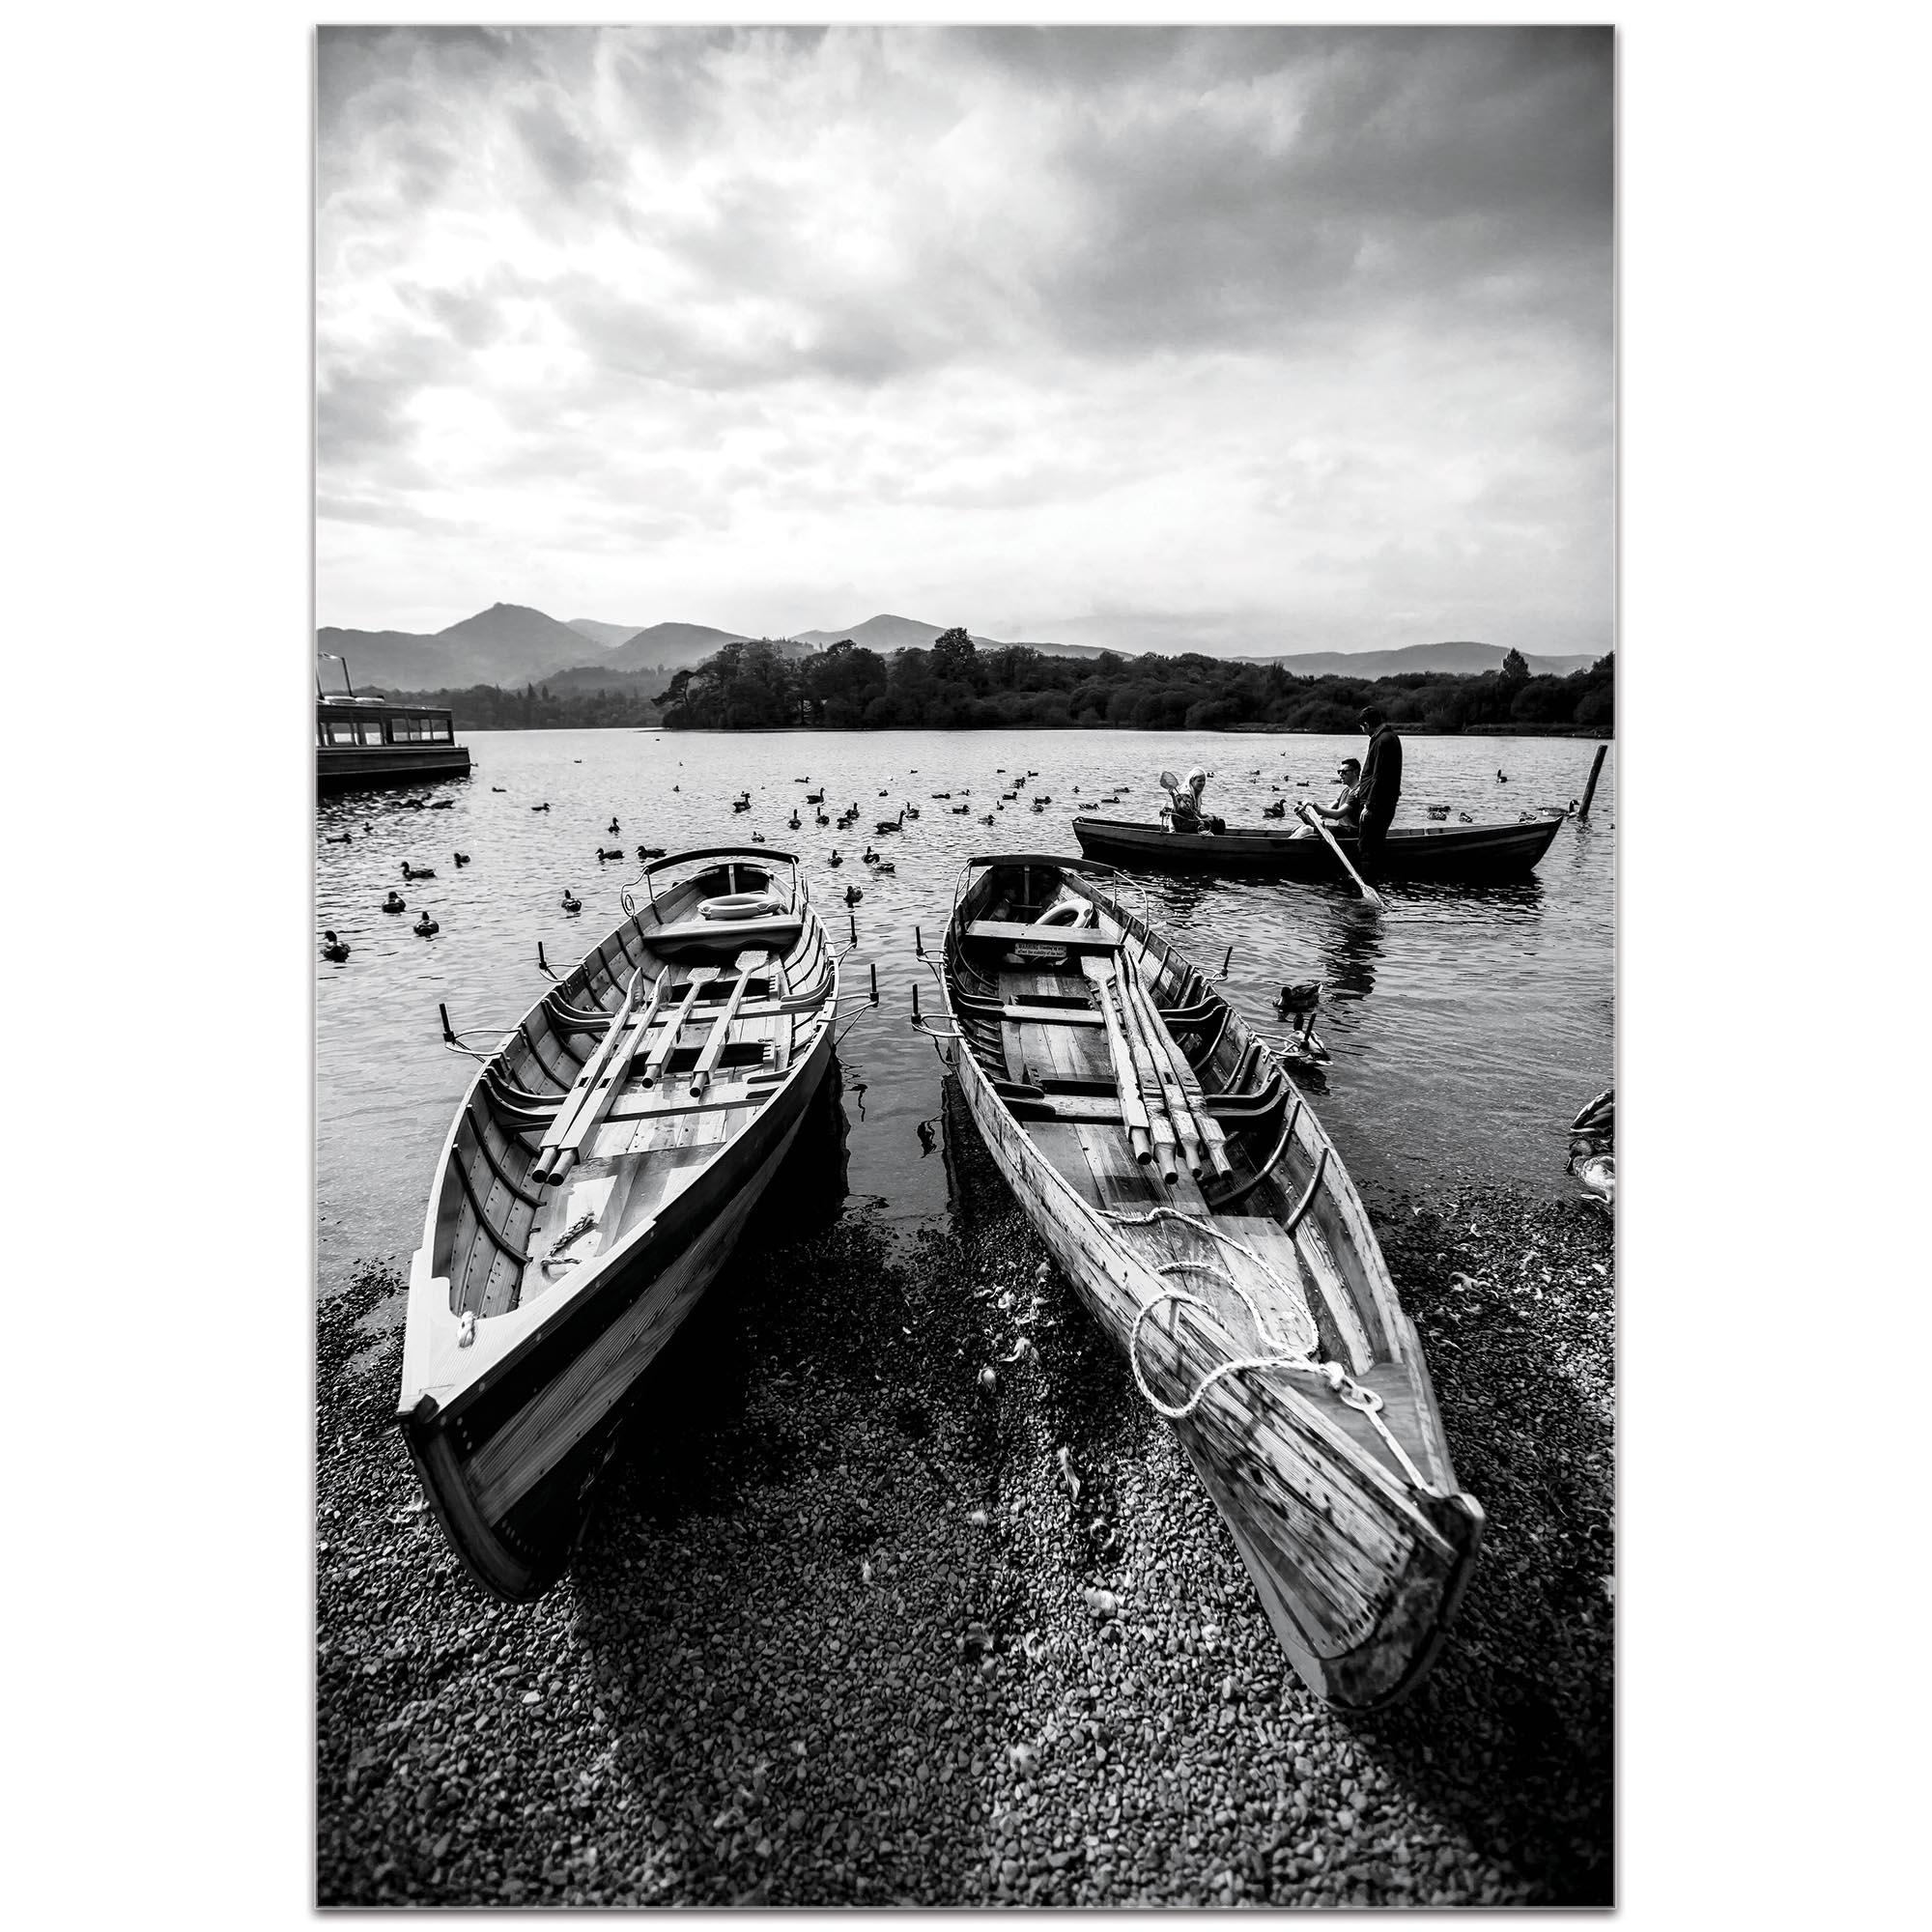 Black & White Photography 'Old Rowboats' - Coastal Art on Metal or Plexiglass - Image 2